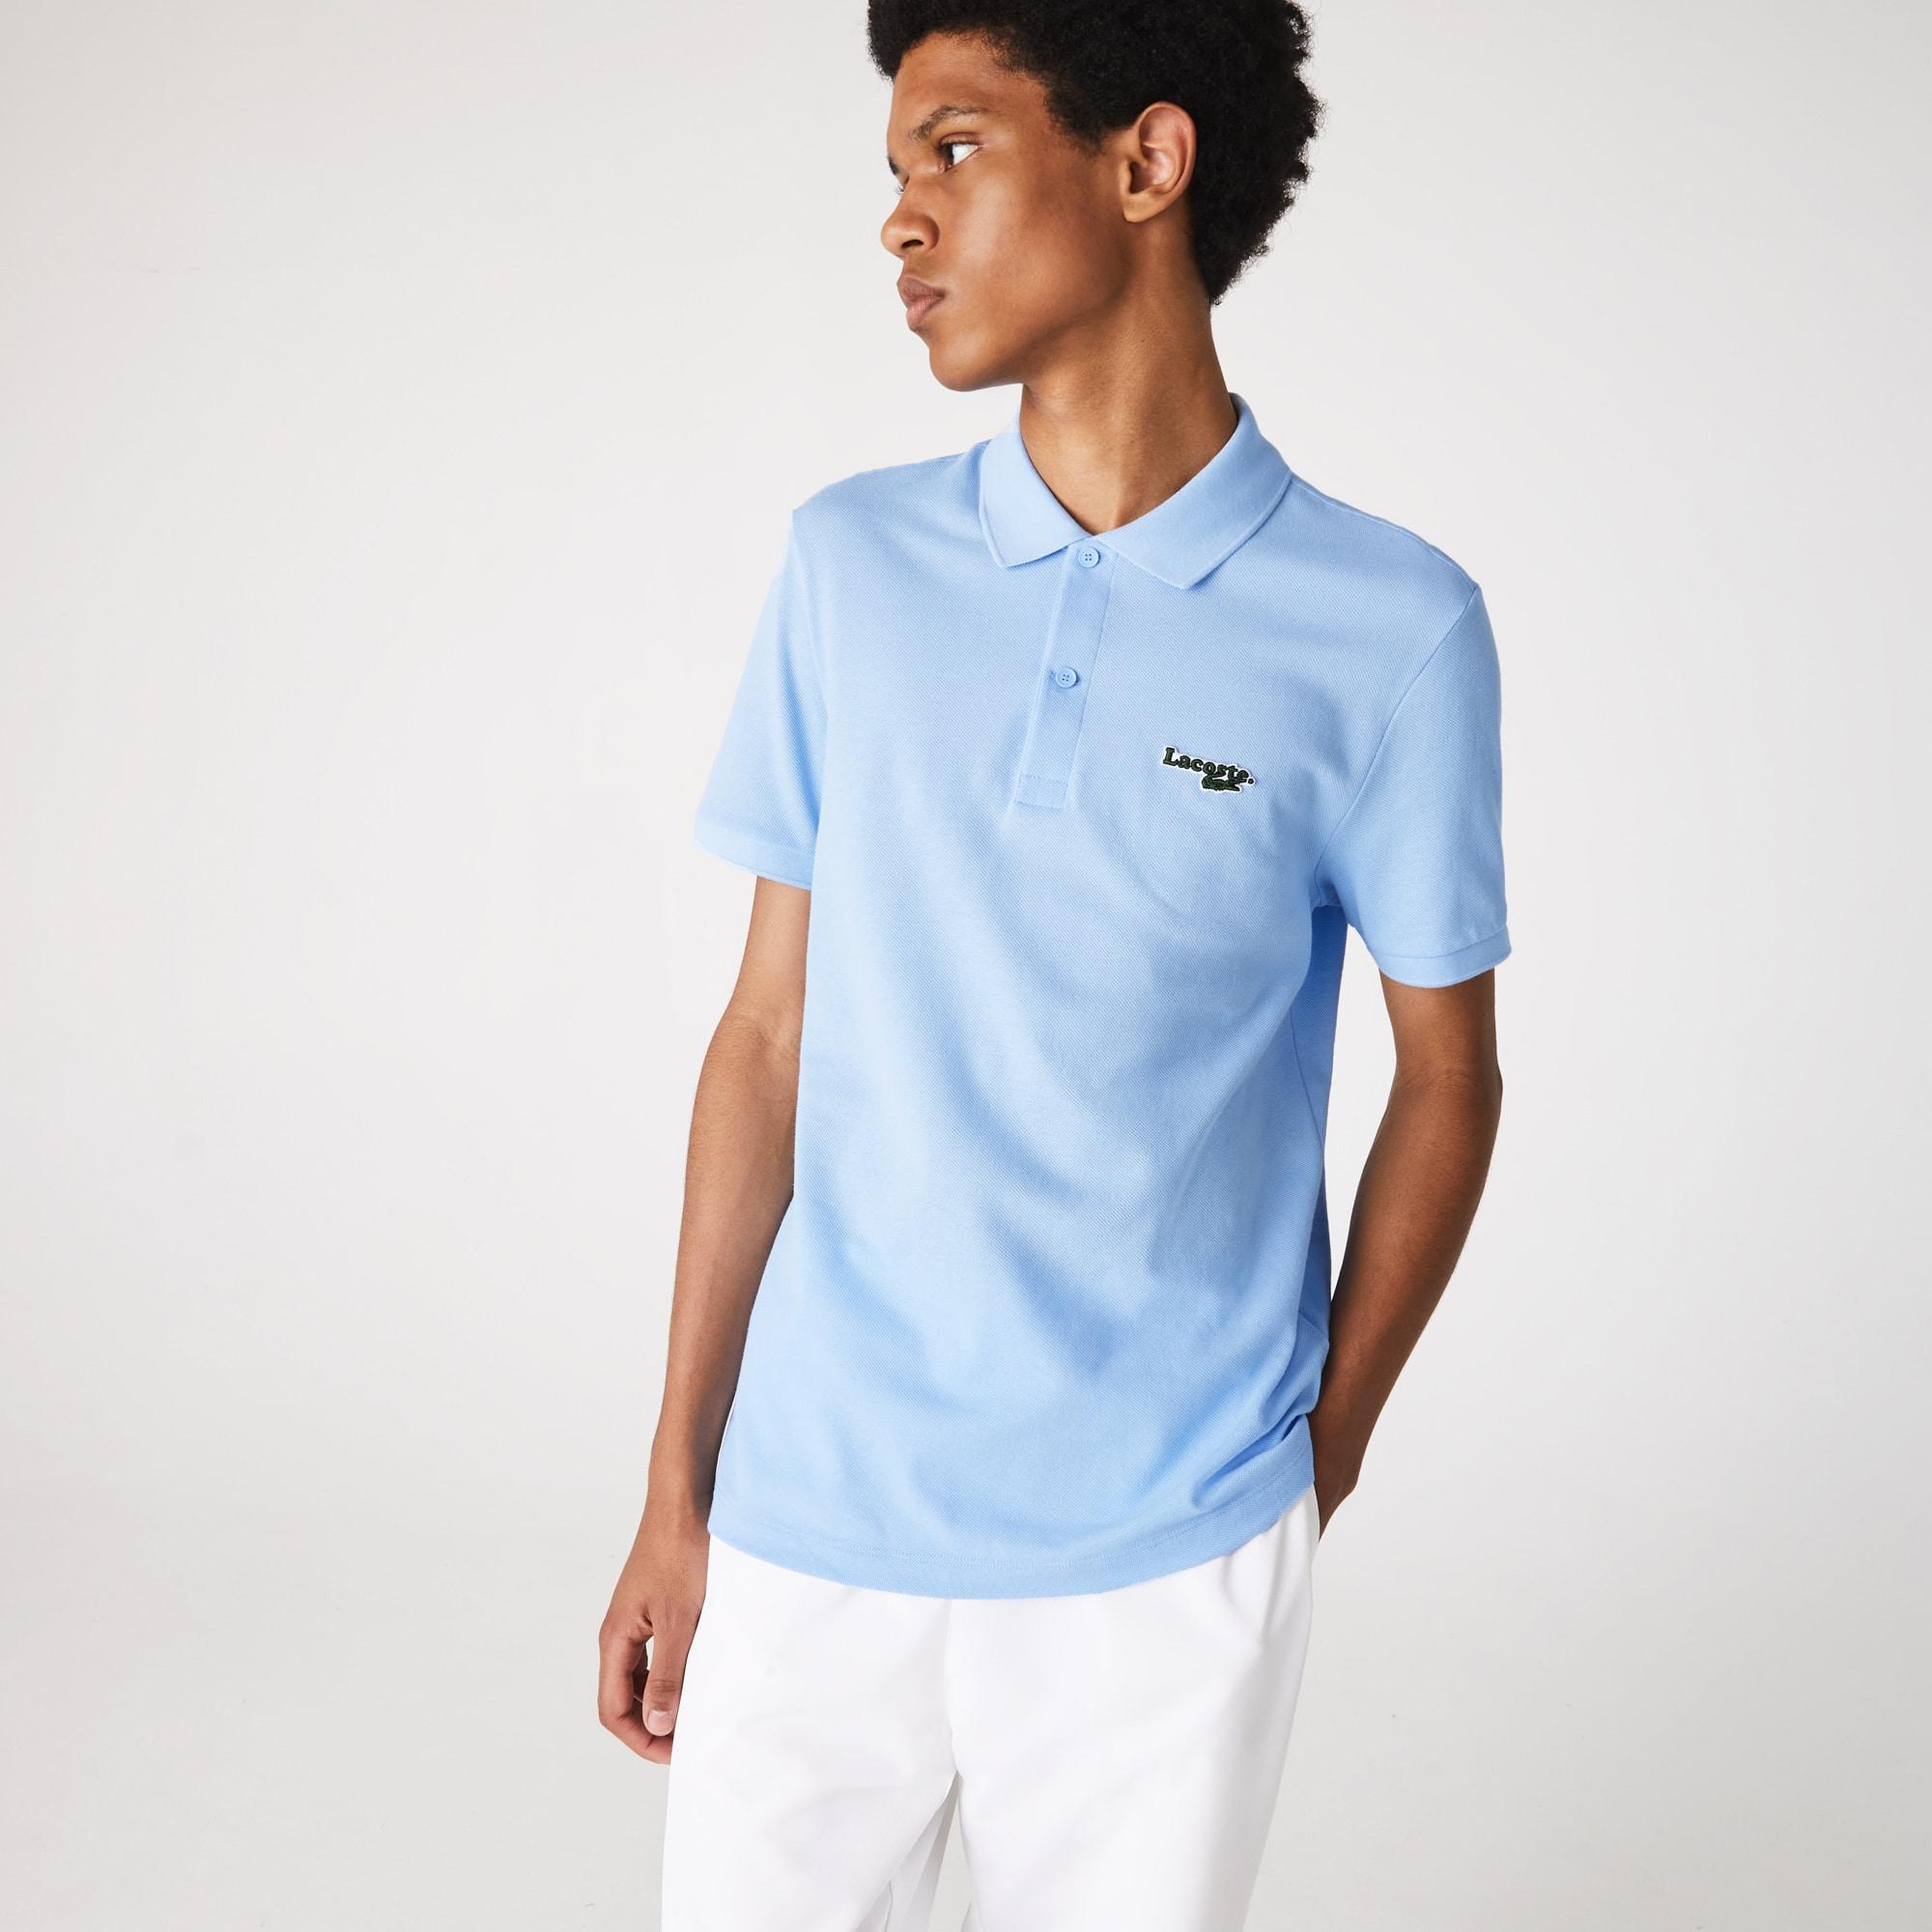 라코스테 Lacoste Mens Regular Fit Solid Cotton Pique Polo With Badge